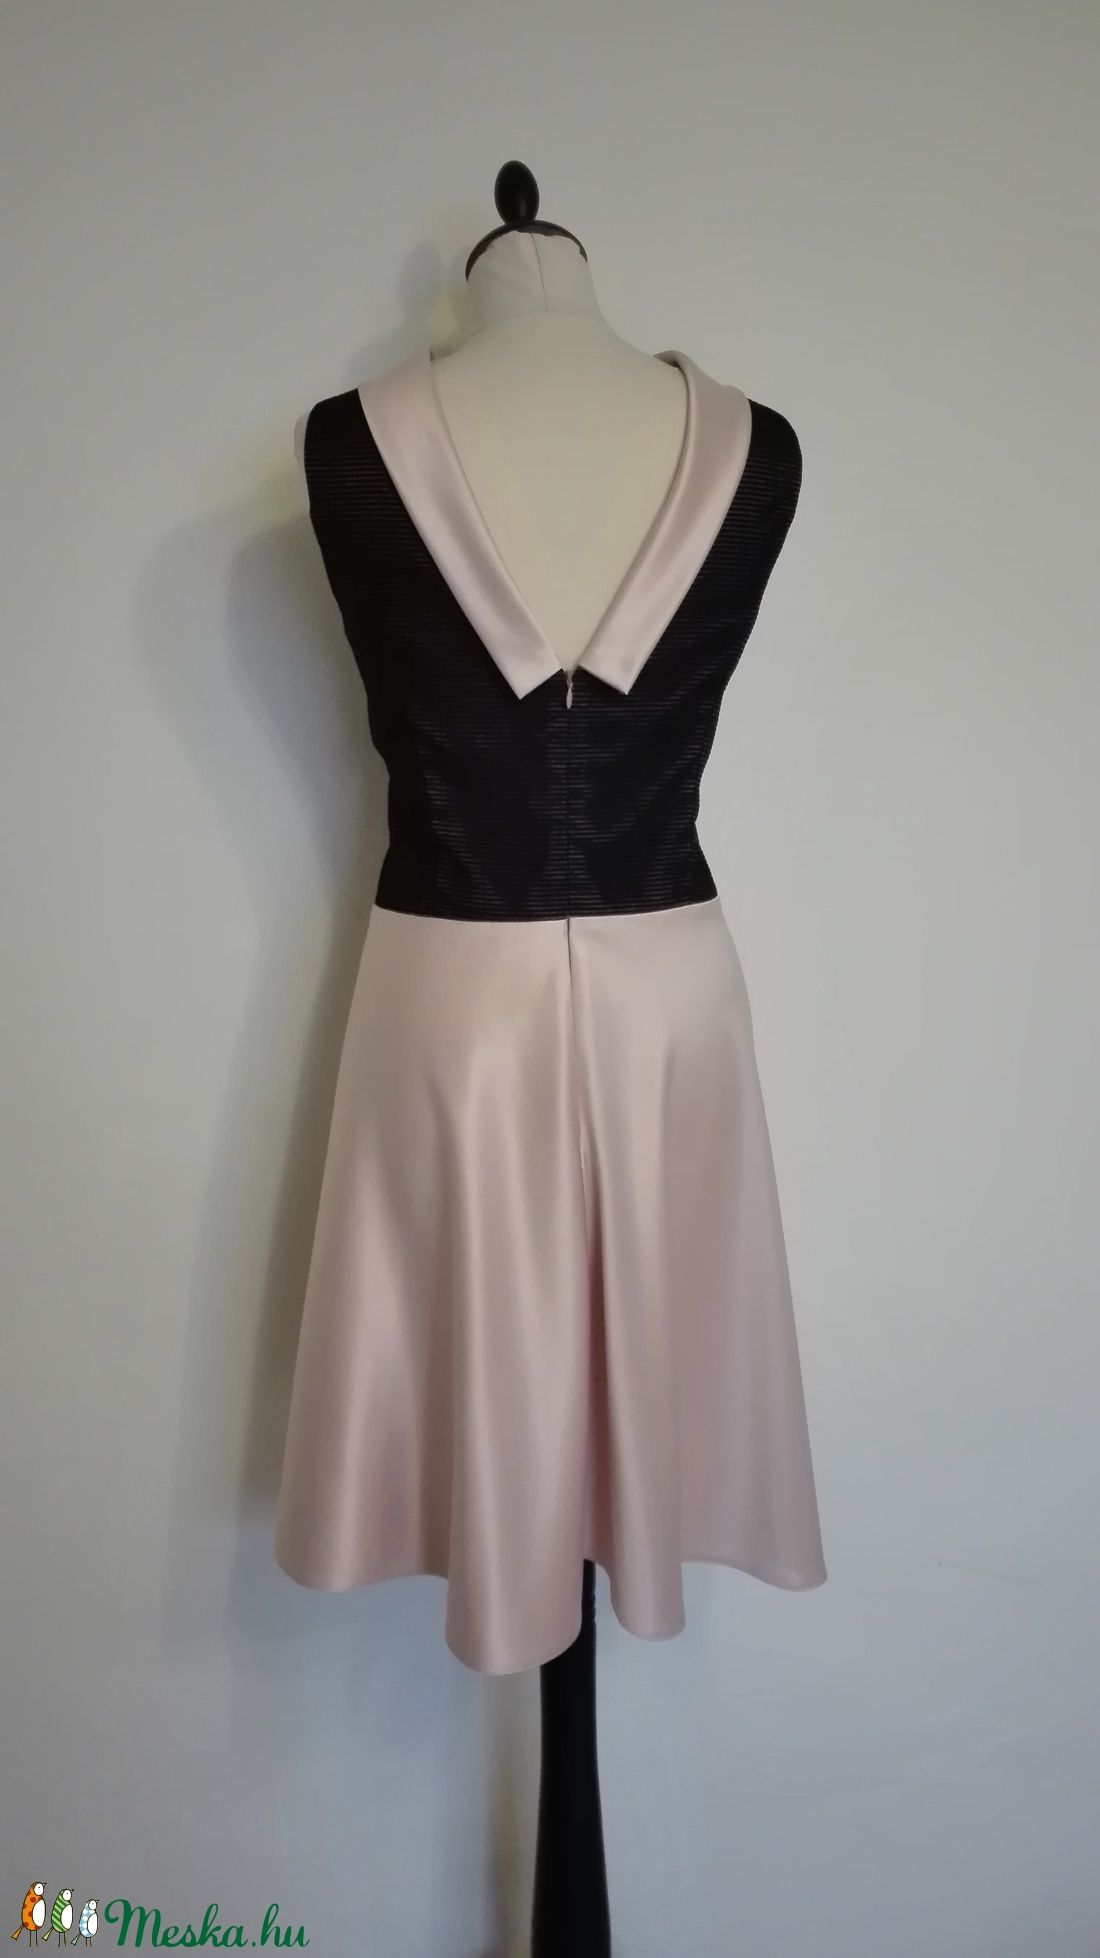 Fekete-púder színű örömanya ruha (nicoledesign) - Meska.hu bc034480fd